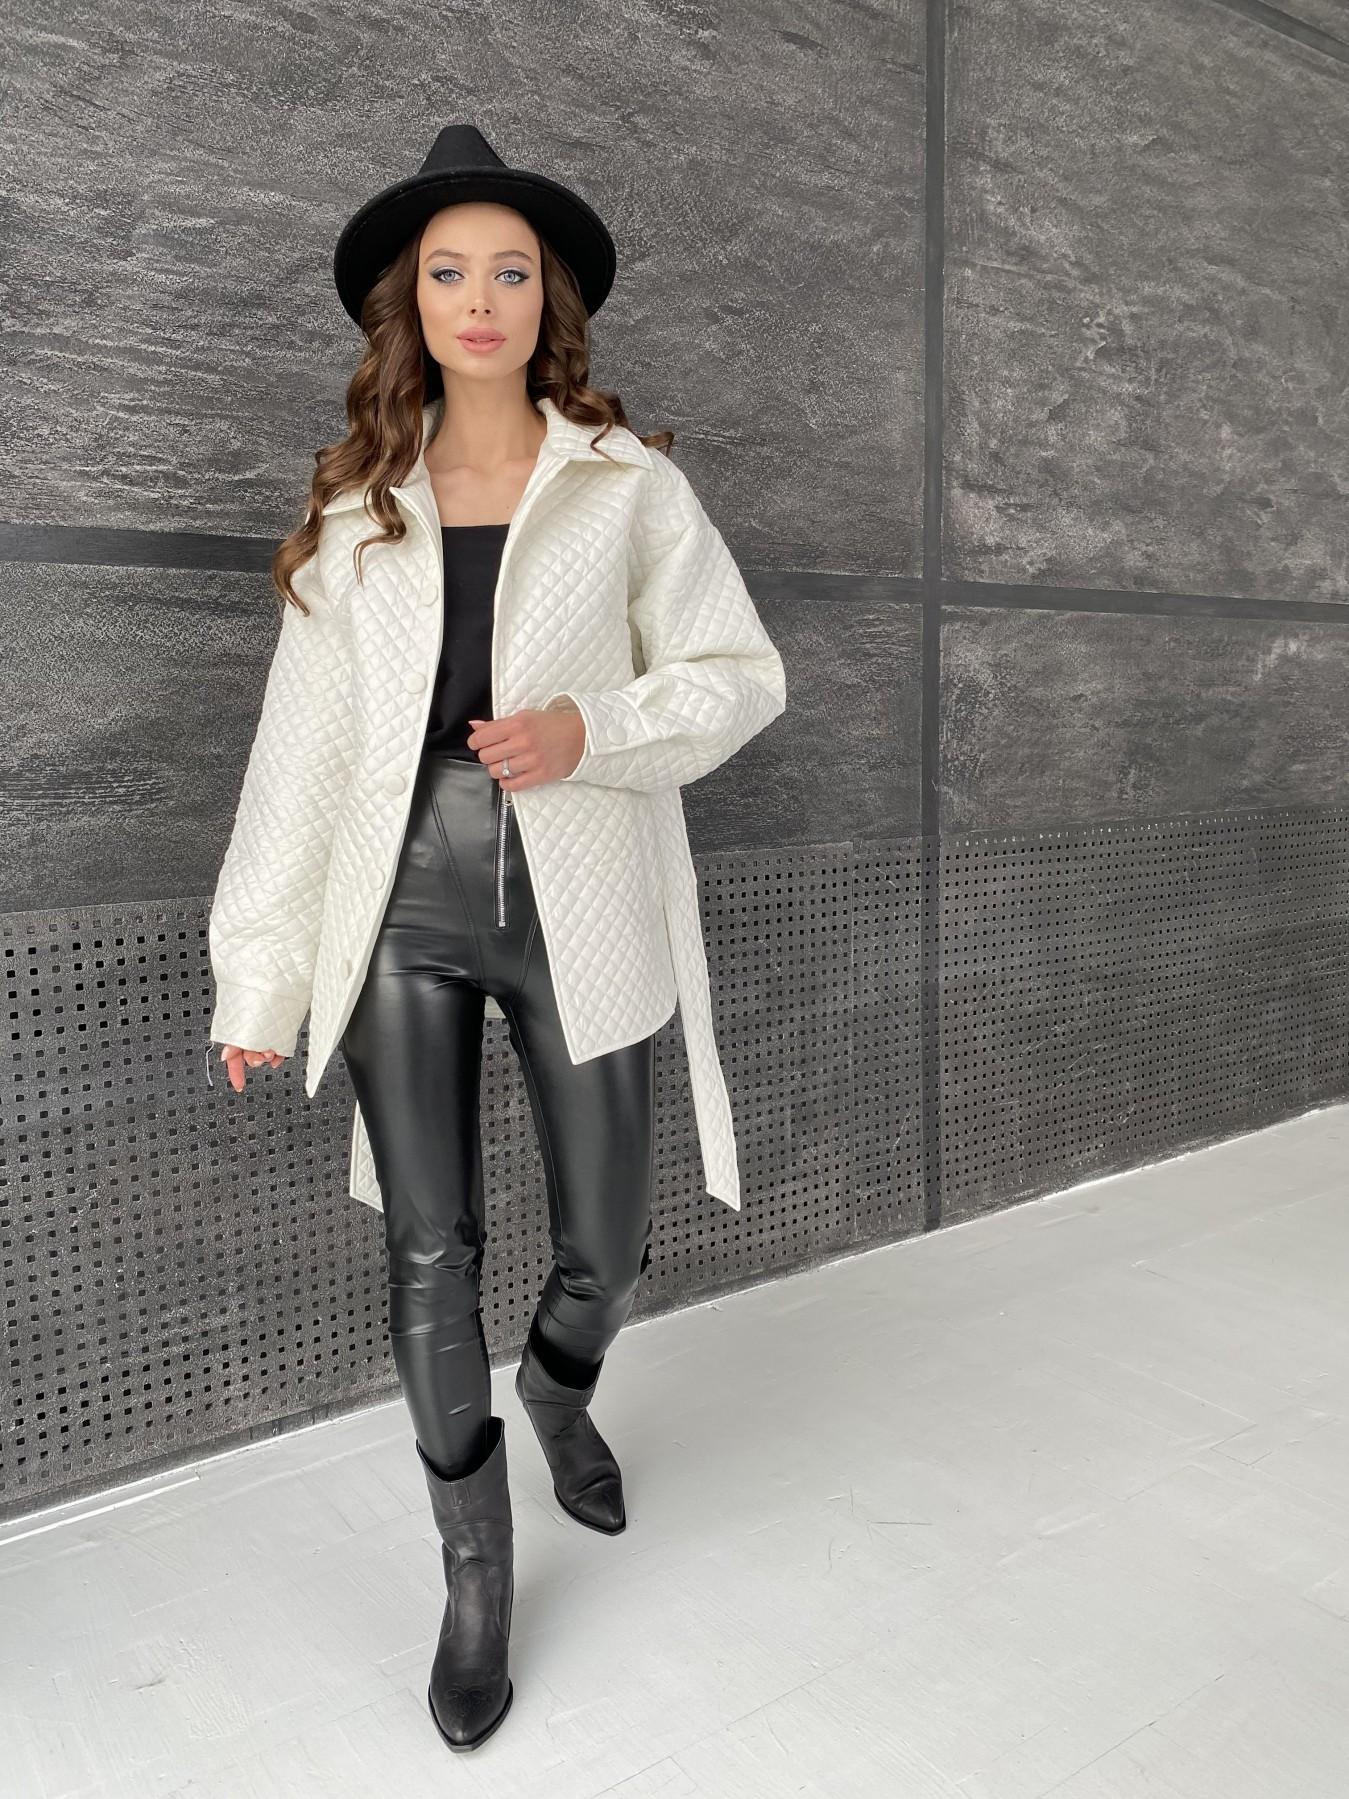 Моно куртка стеганая из  плащевой ткани 11045 АРТ. 47530 Цвет: Молоко - фото 1, интернет магазин tm-modus.ru